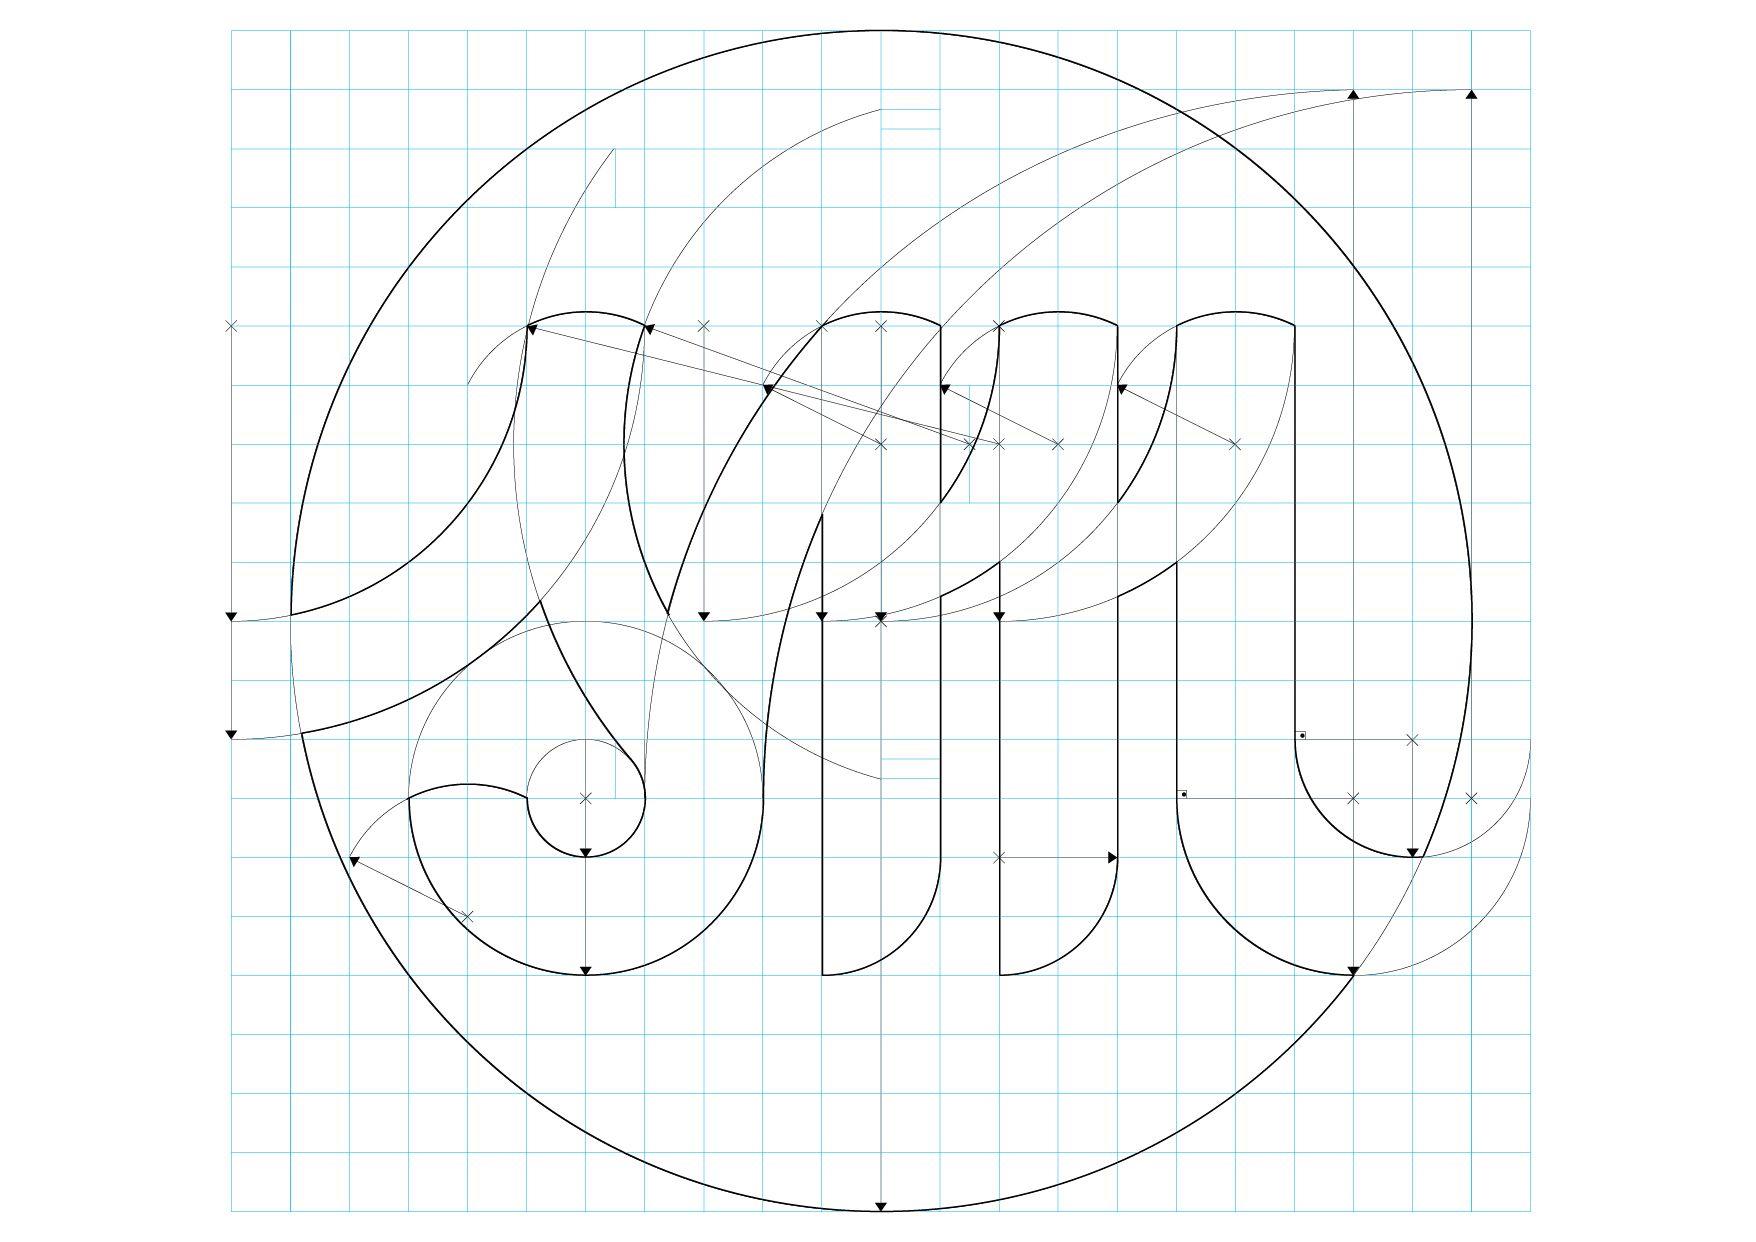 #Brand #Diseño #Gráfico #Graphic #Design #Marca #Identidad #Imagen #Constructive #Grid #Grilla #Constructiva #Geometry